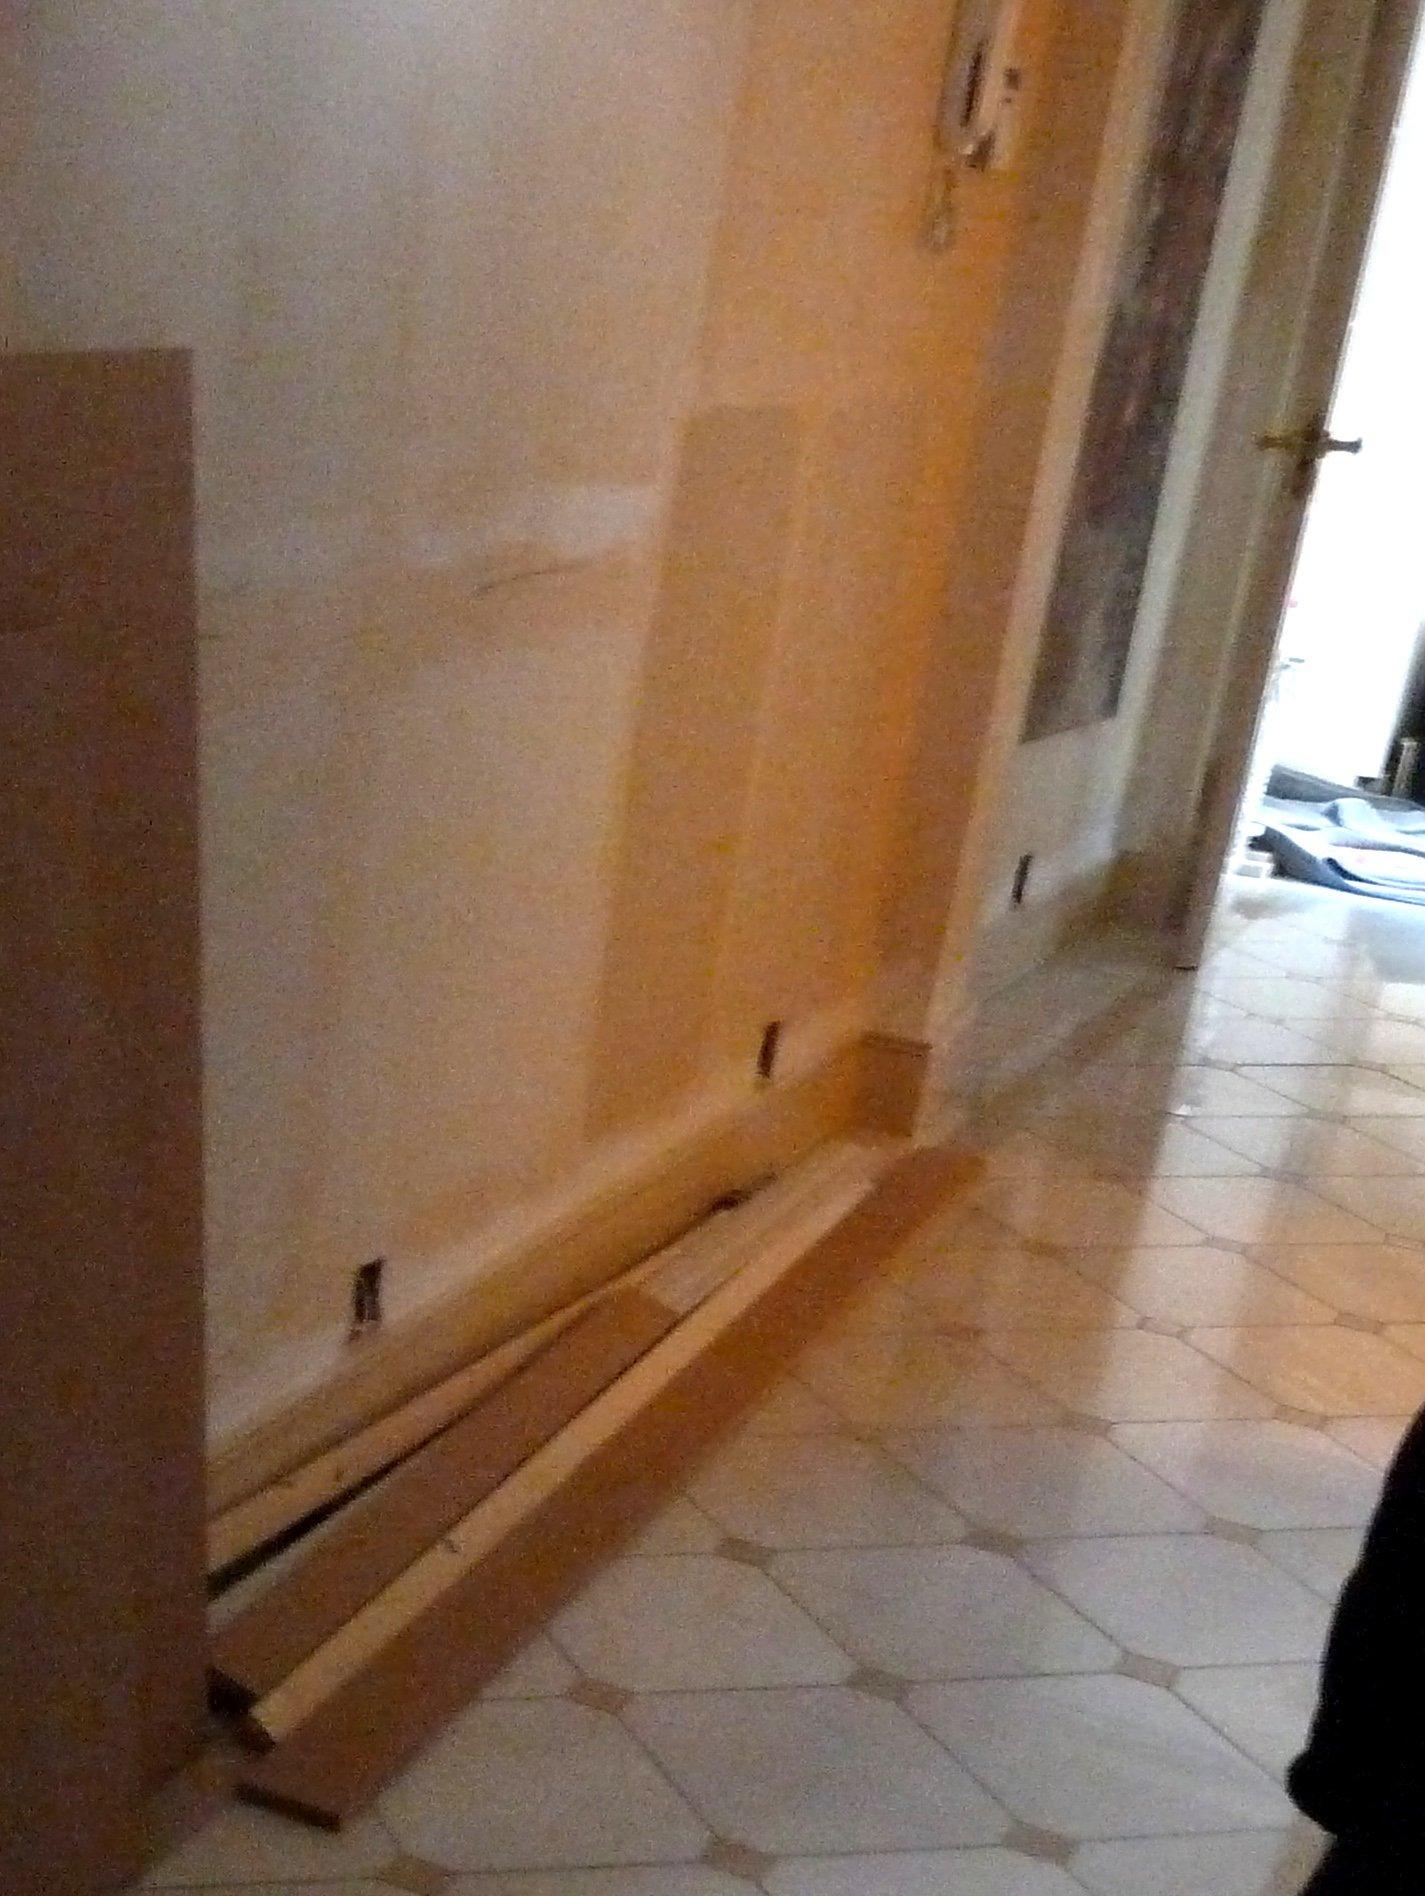 4 electrics thru walls then marble floor